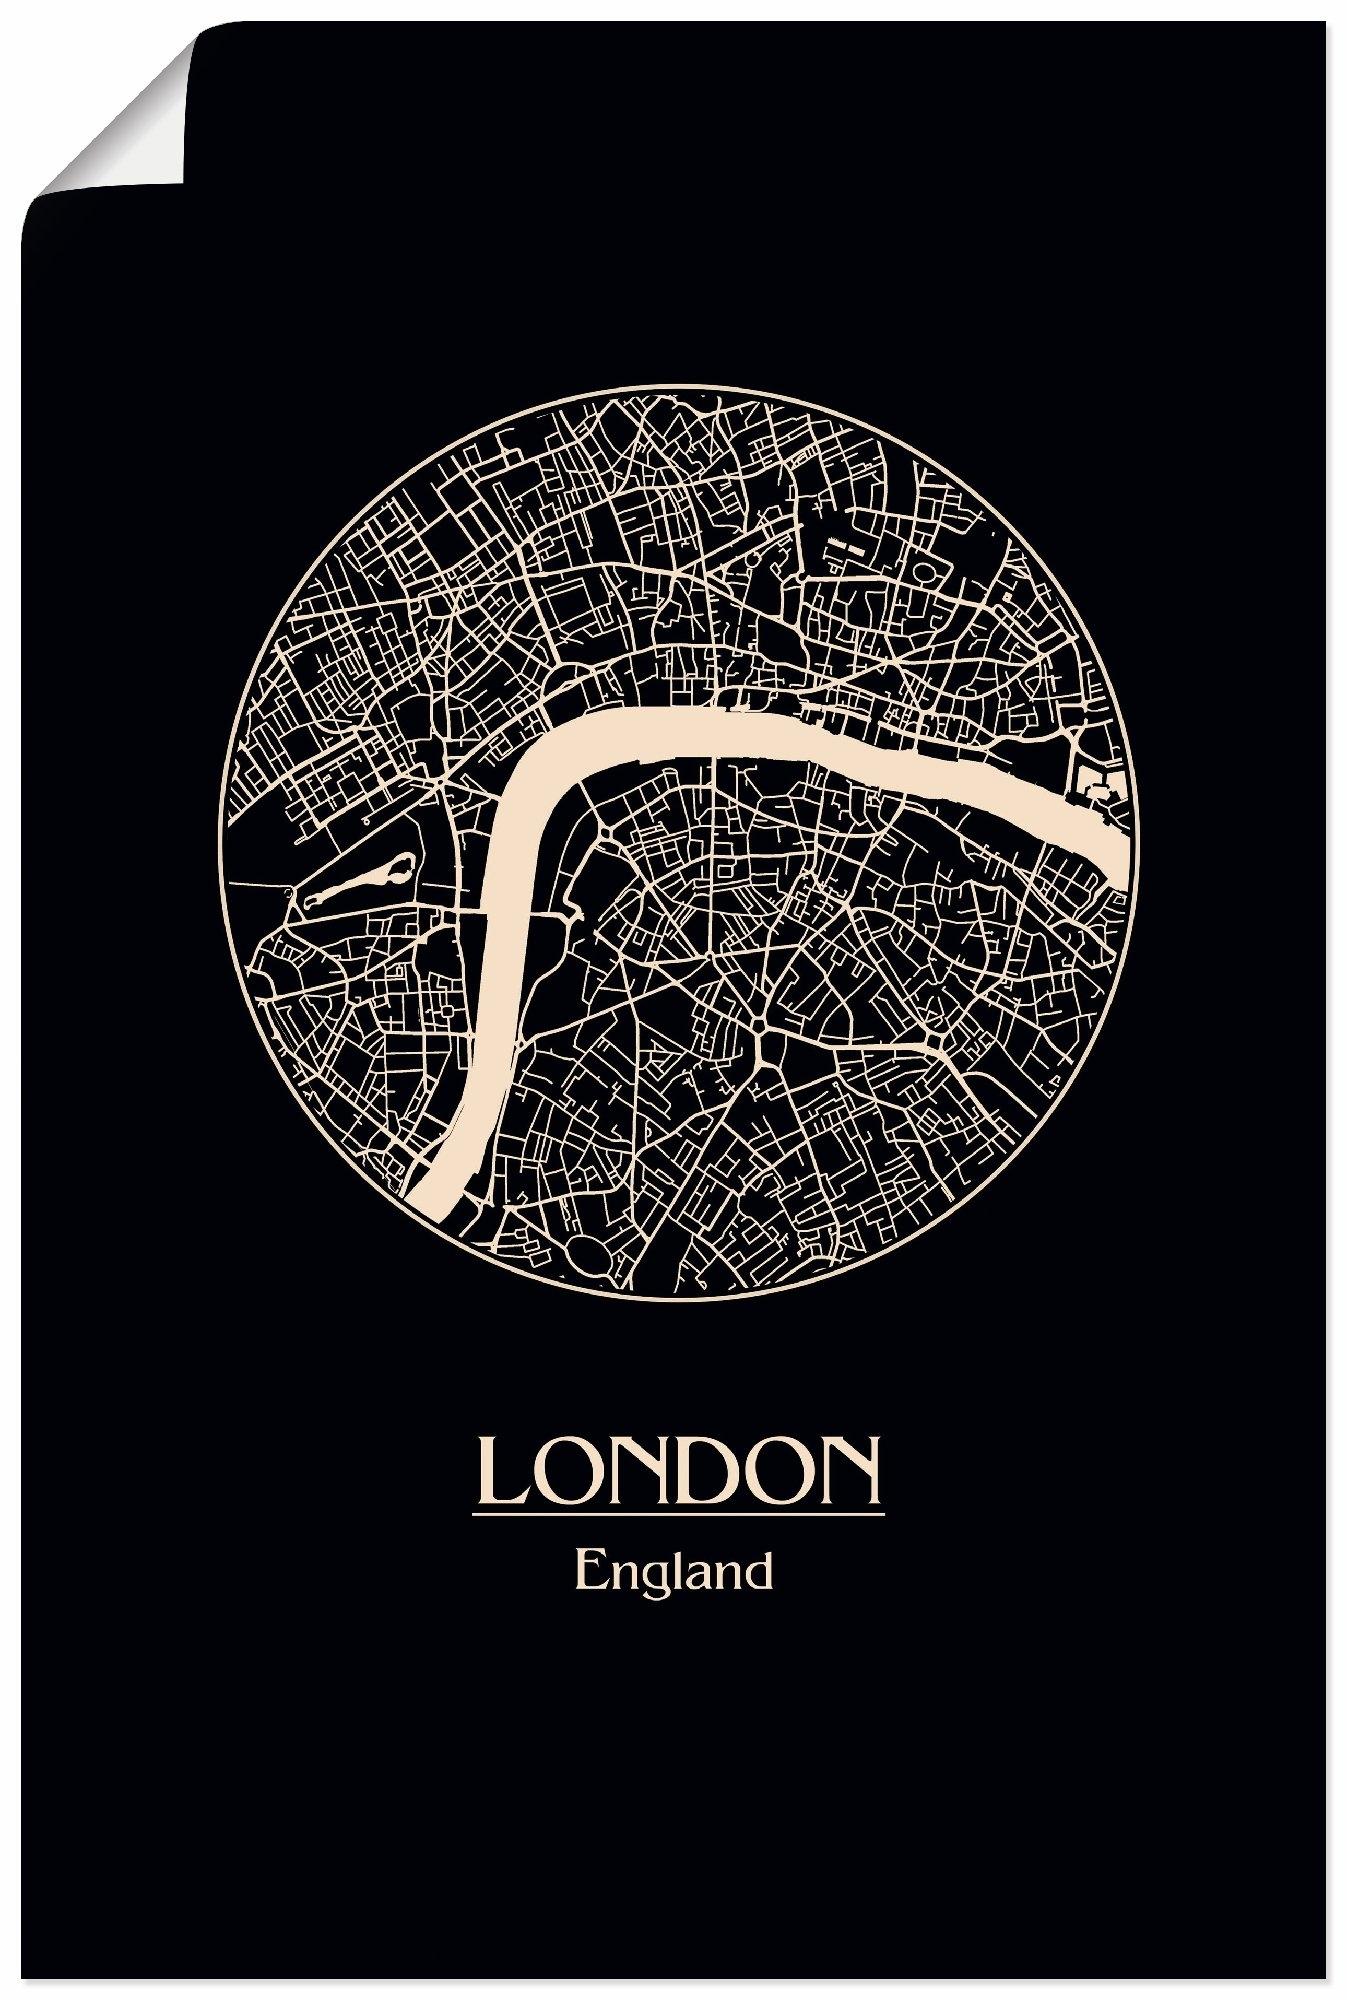 Artland artprint Retro kaart Londen Engeland cirkel in vele afmetingen & productsoorten - artprint van aluminium / artprint voor buiten, artprint op linnen, poster, muursticker / wandfolie ook geschikt voor de badkamer (1 stuk) voordelig en veilig online kopen